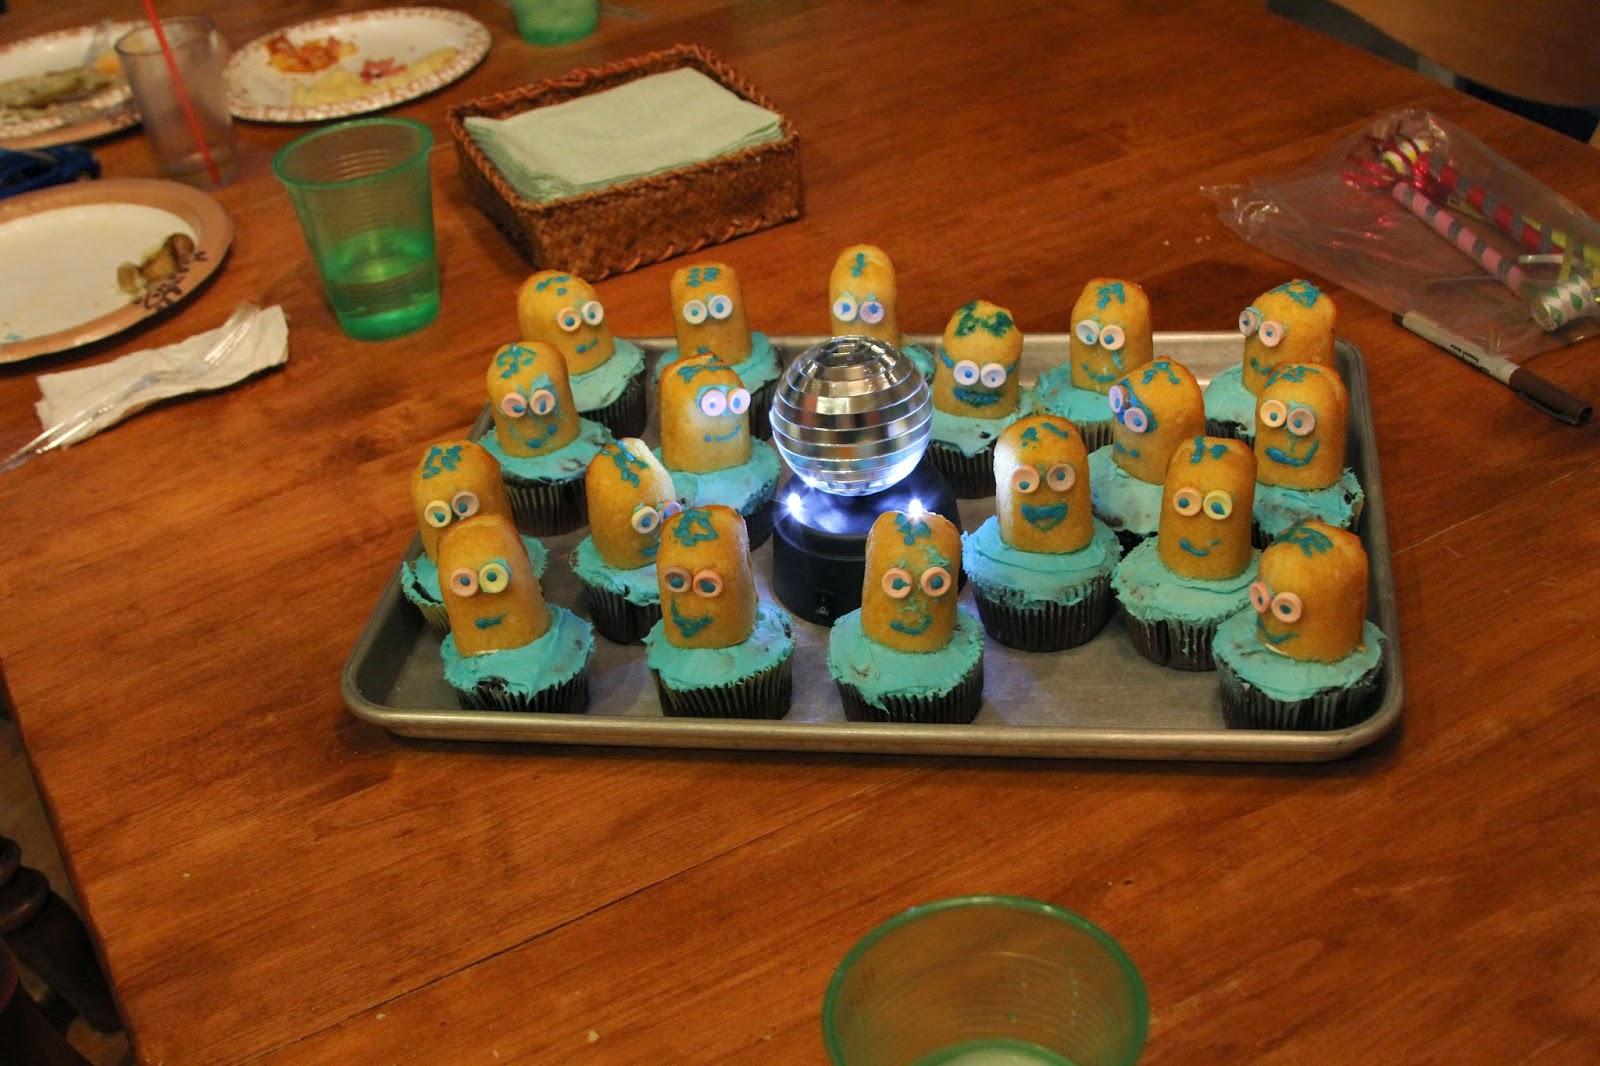 Despicable me Cupcake, Minion Cupcake